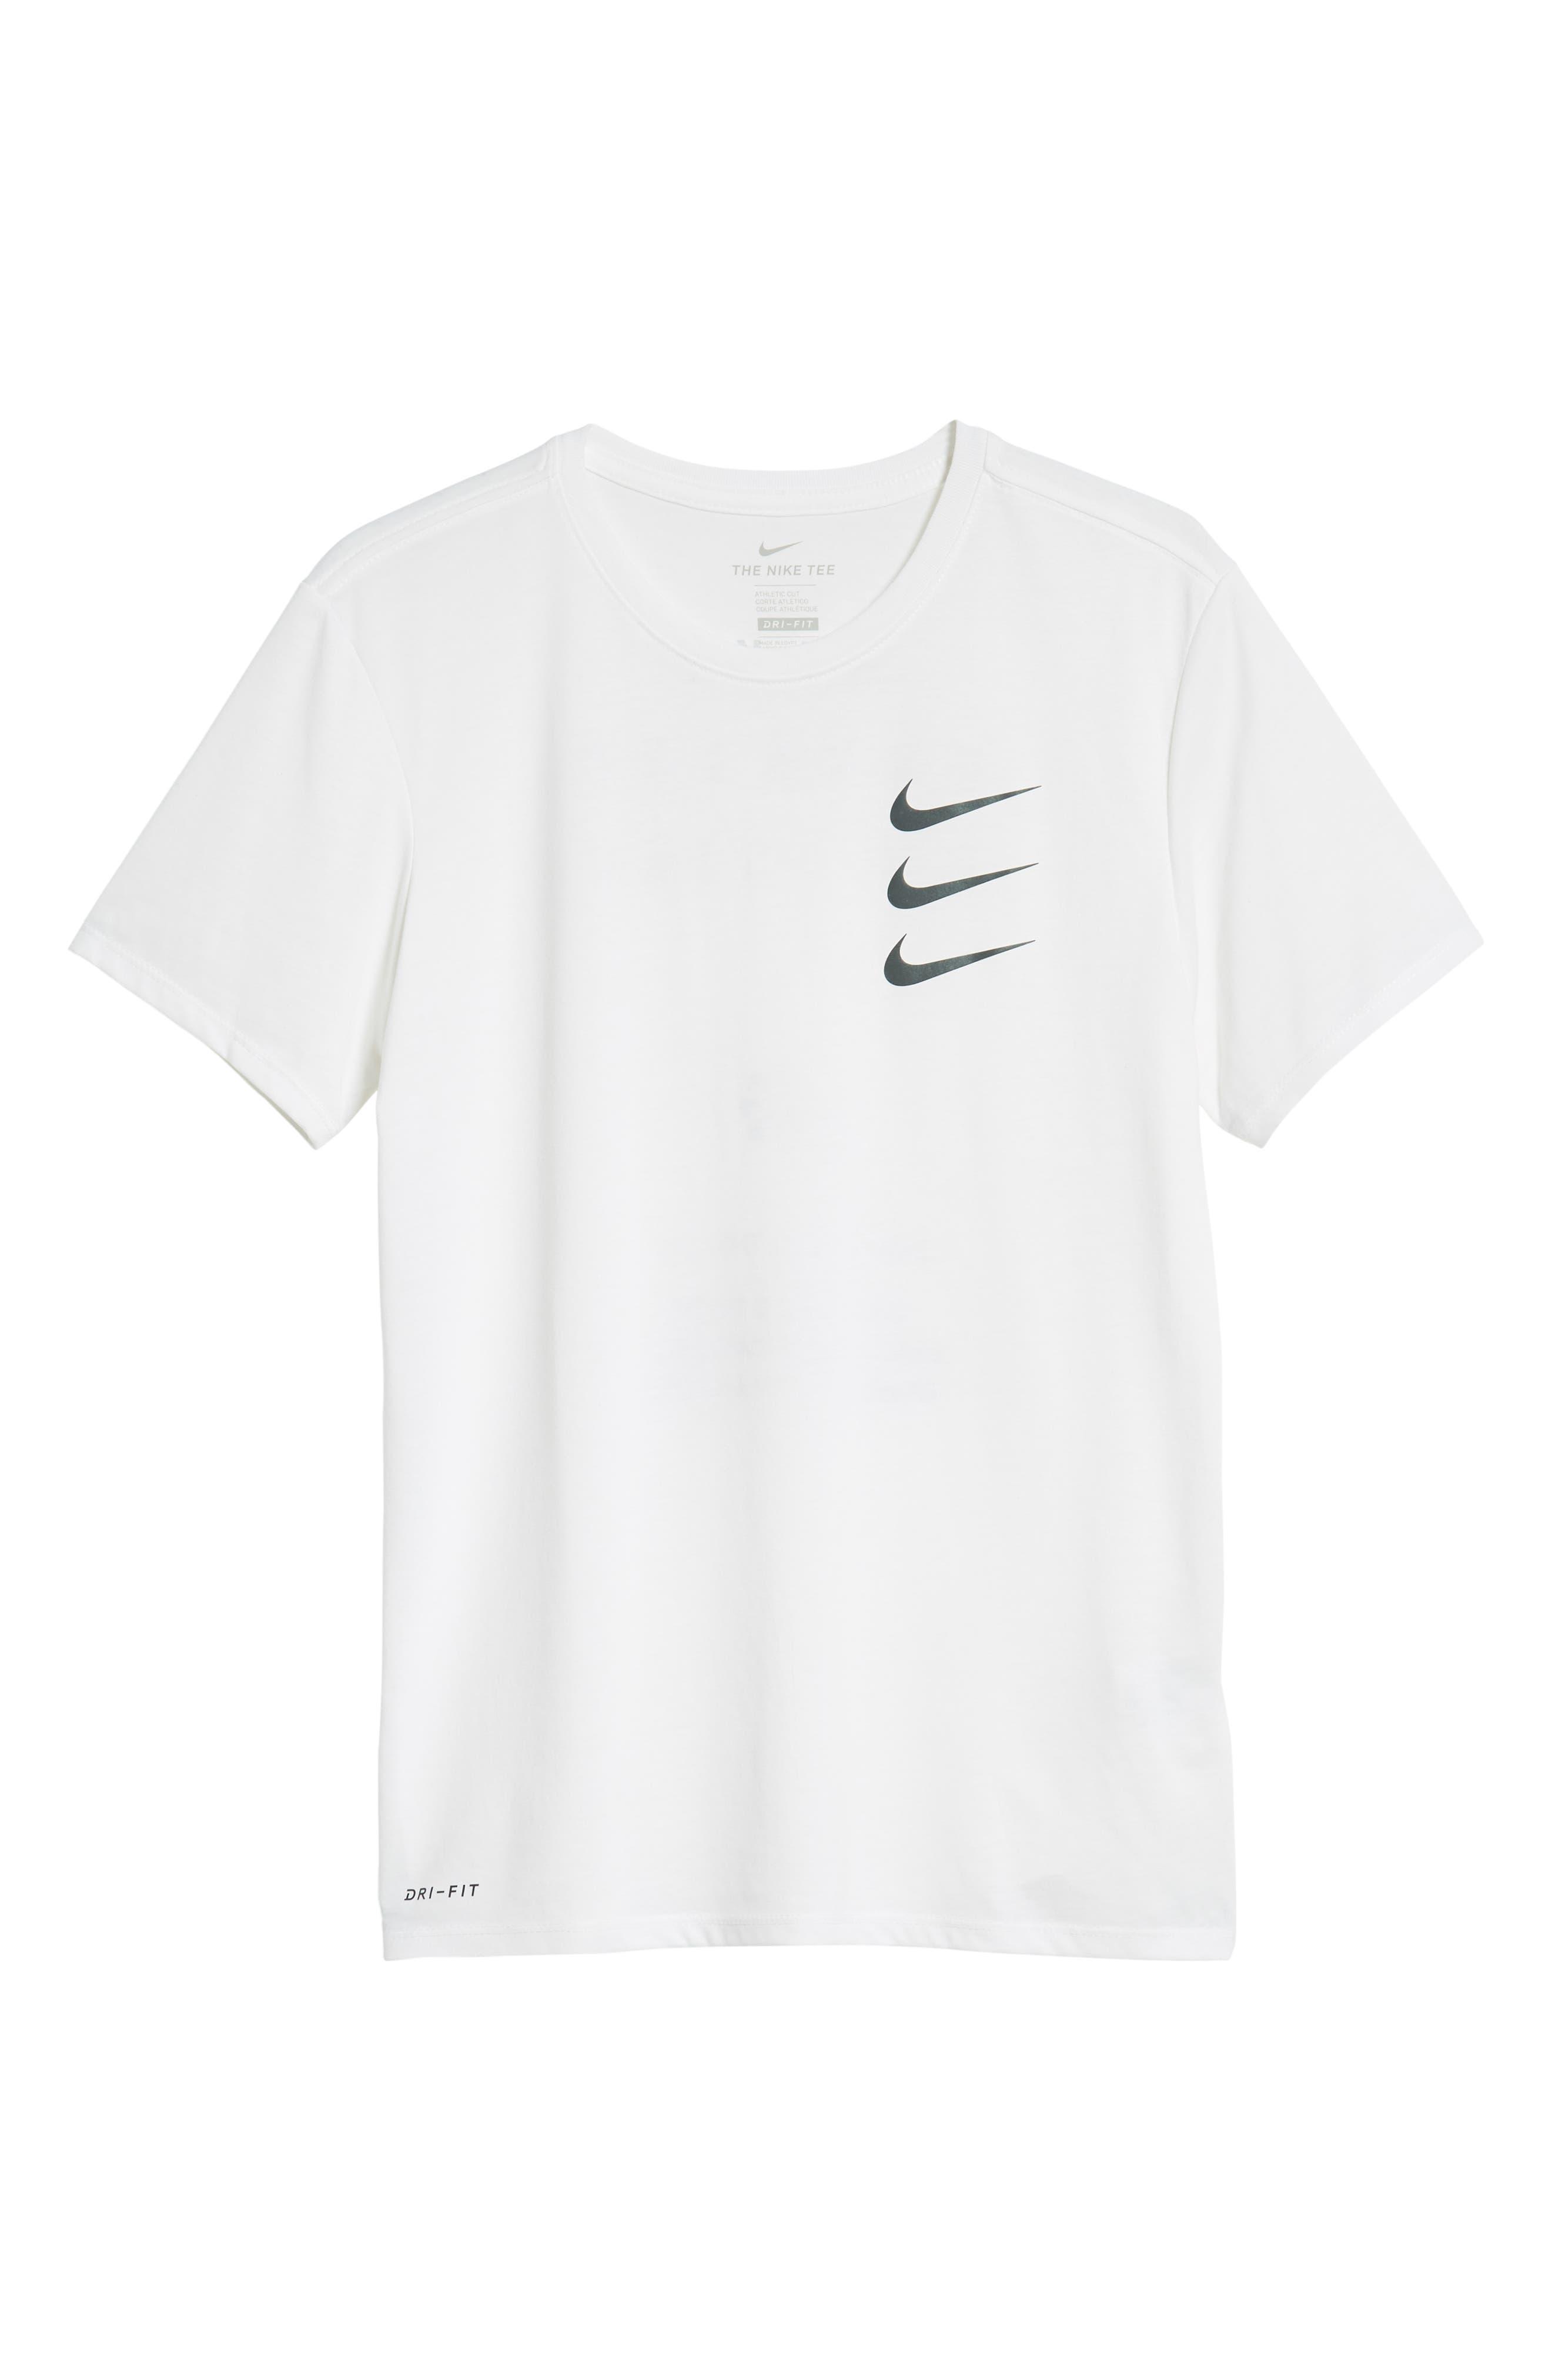 Dry Running Division T-Shirt,                             Alternate thumbnail 6, color,                             WHITE/ GUNSMOKE